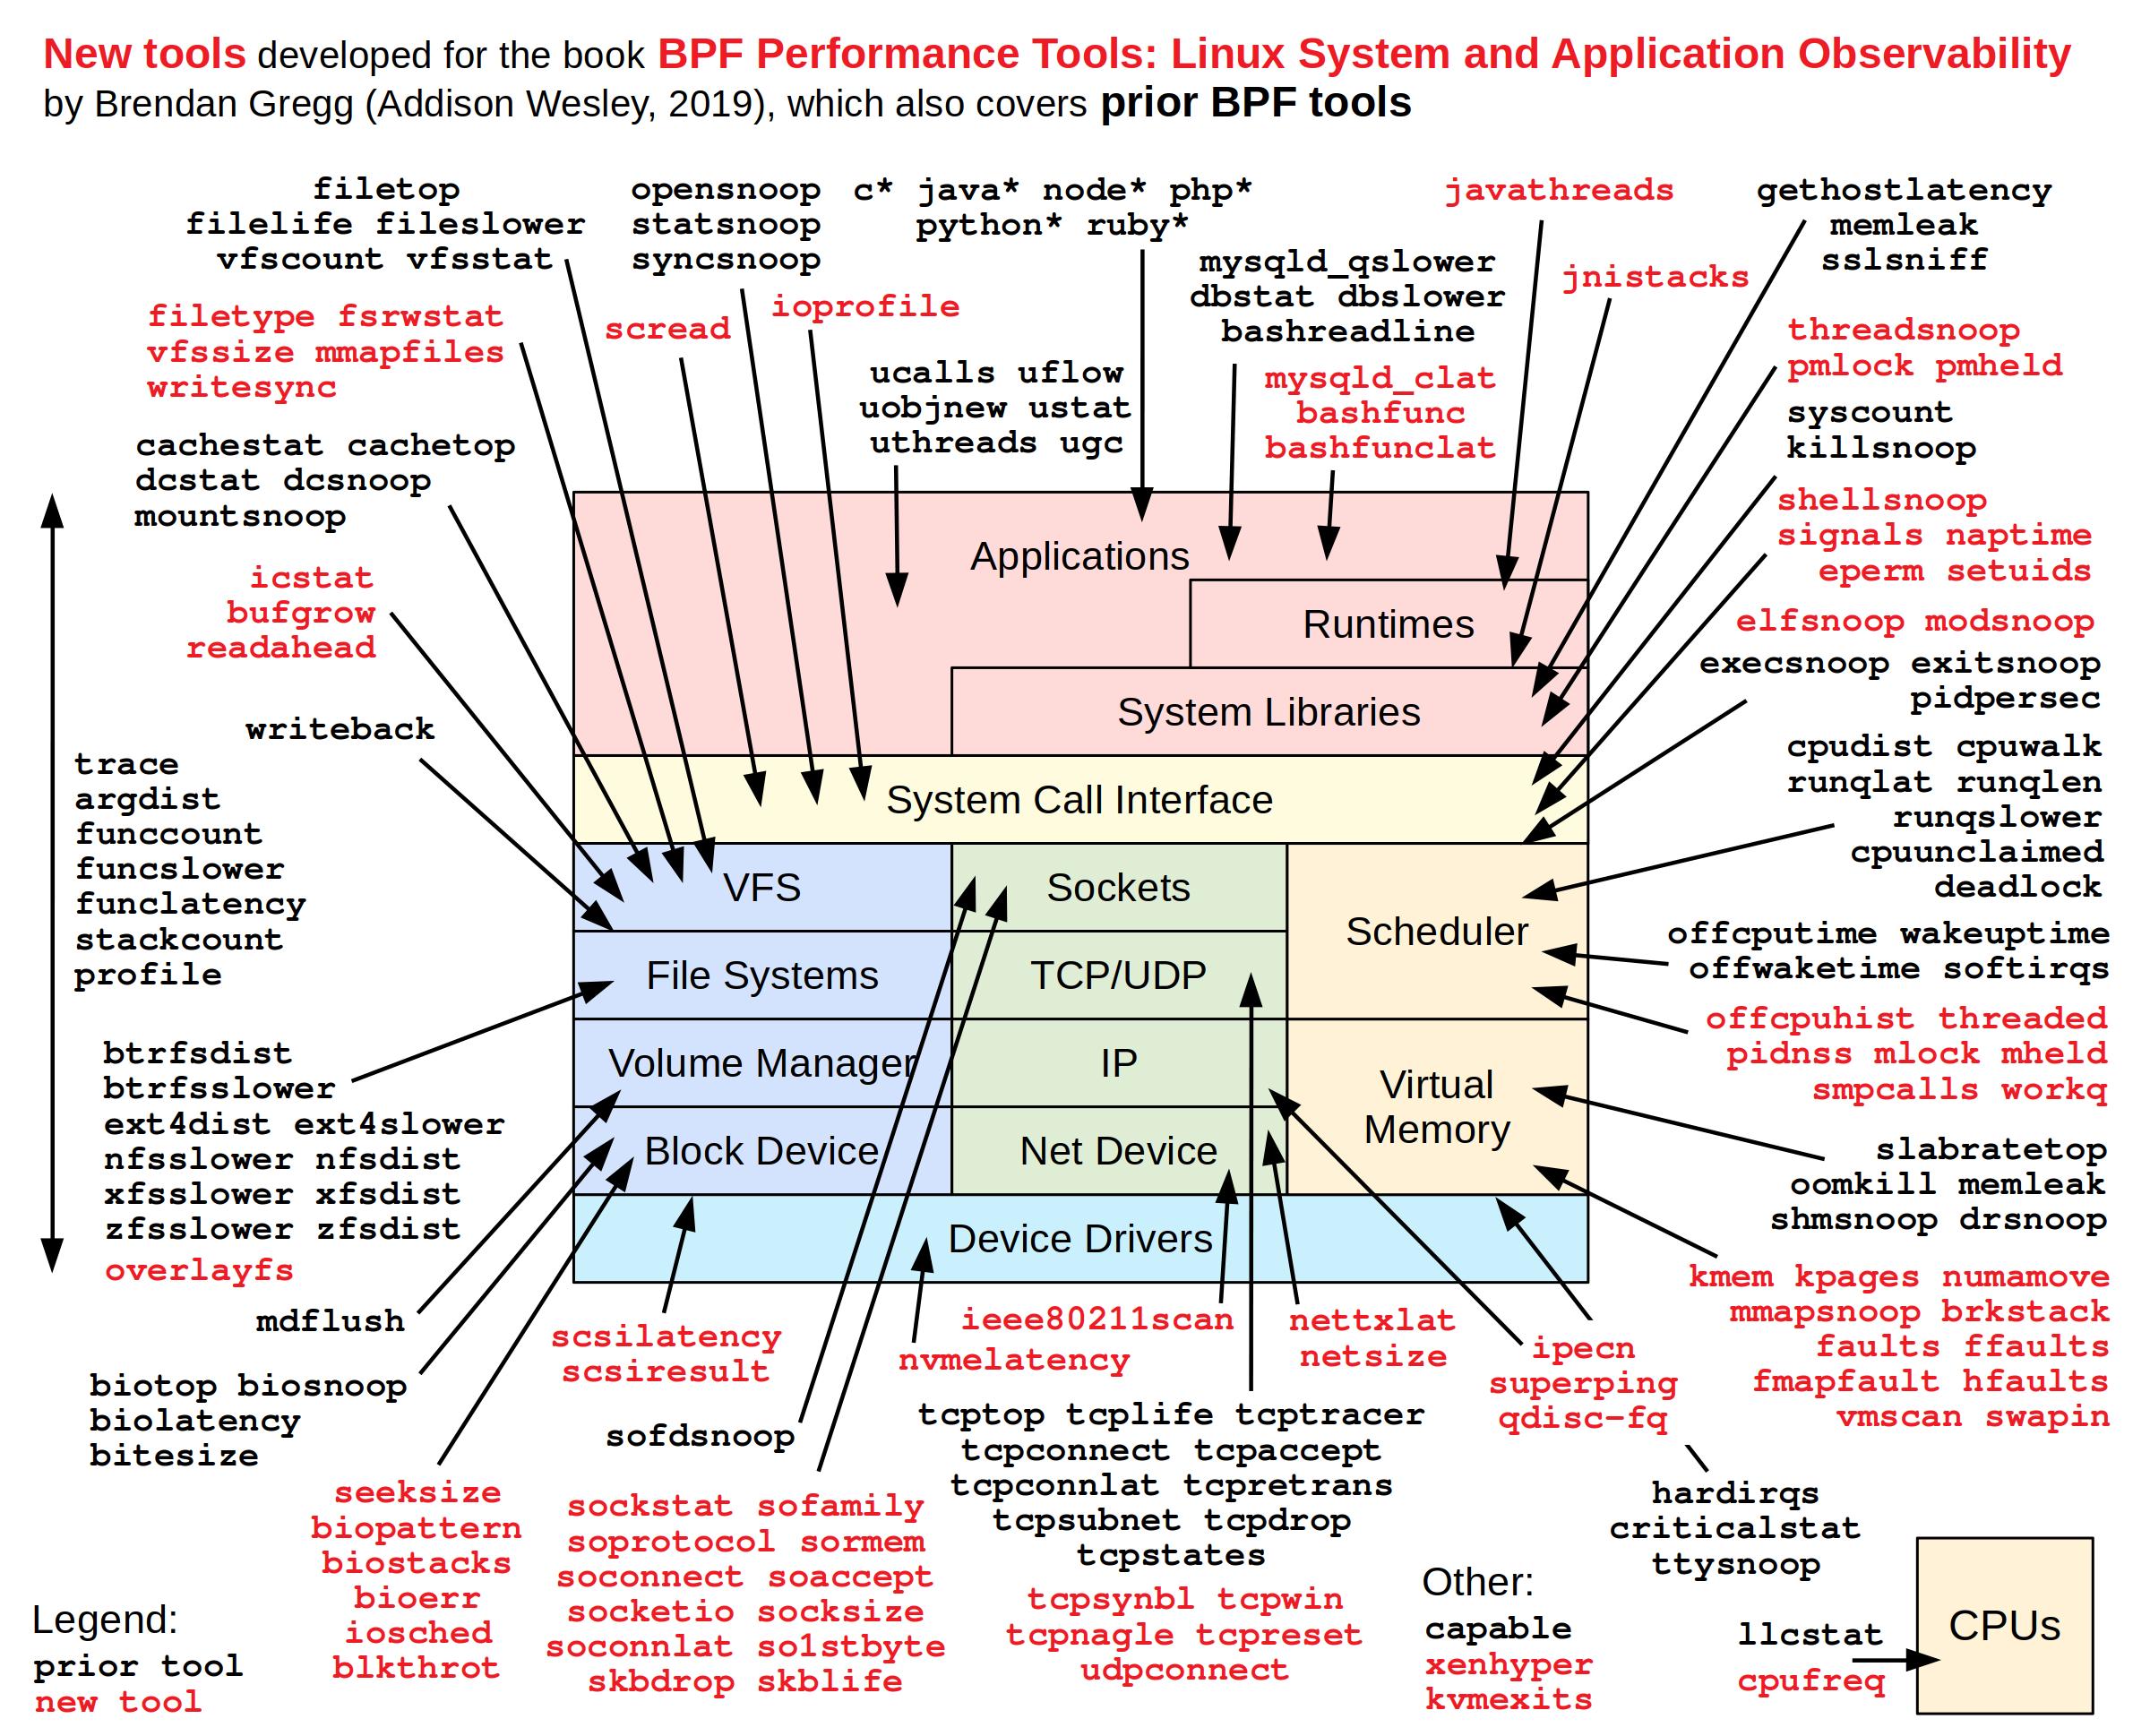 https://d33wubrfki0l68.cloudfront.net/60c76749ea96bd7e0c2f74ef244525ba5e106374/8bb35/media/notes/bpf-performance-tools.png